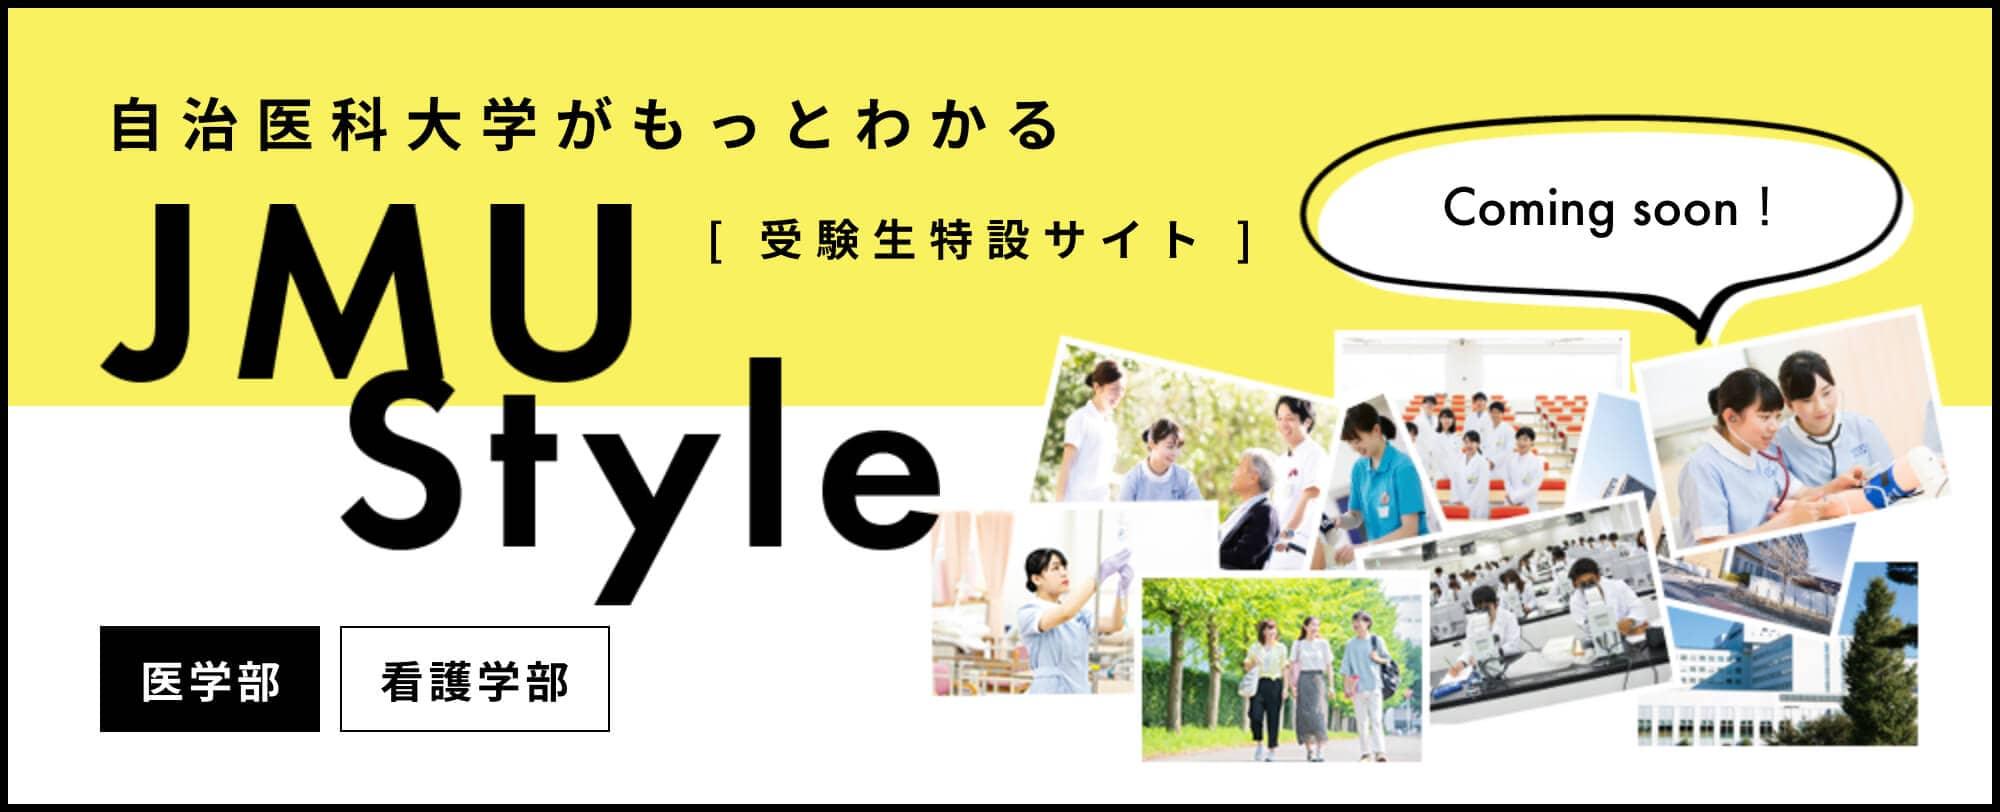 JMU Style